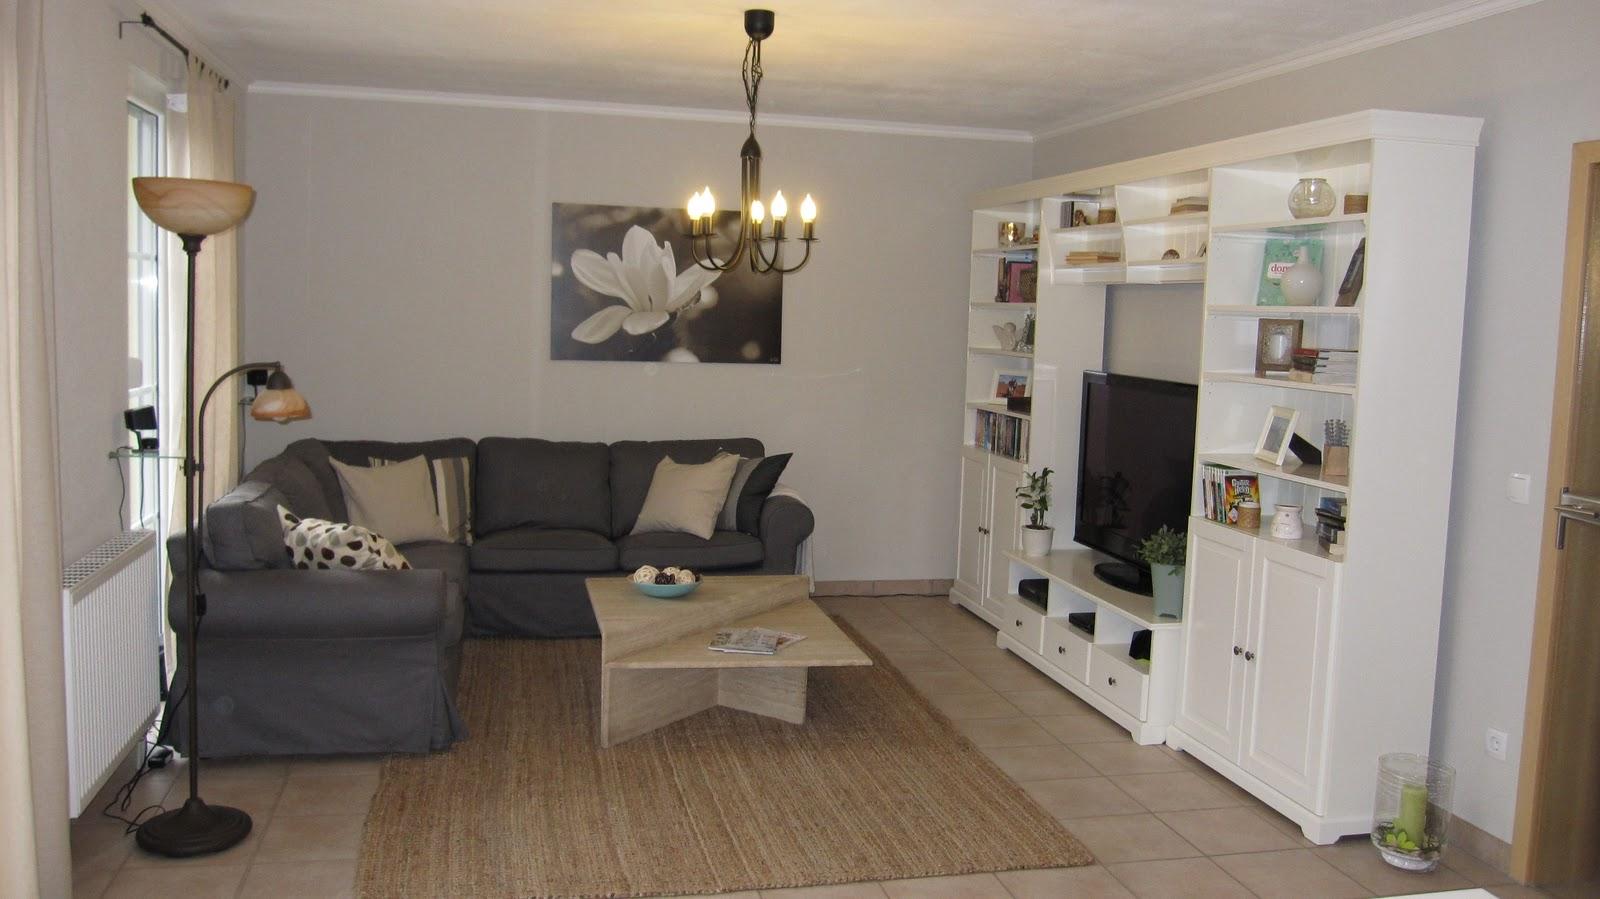 95 30 qm wohnung einrichten ikea lssig auf wohnzimmer. Black Bedroom Furniture Sets. Home Design Ideas